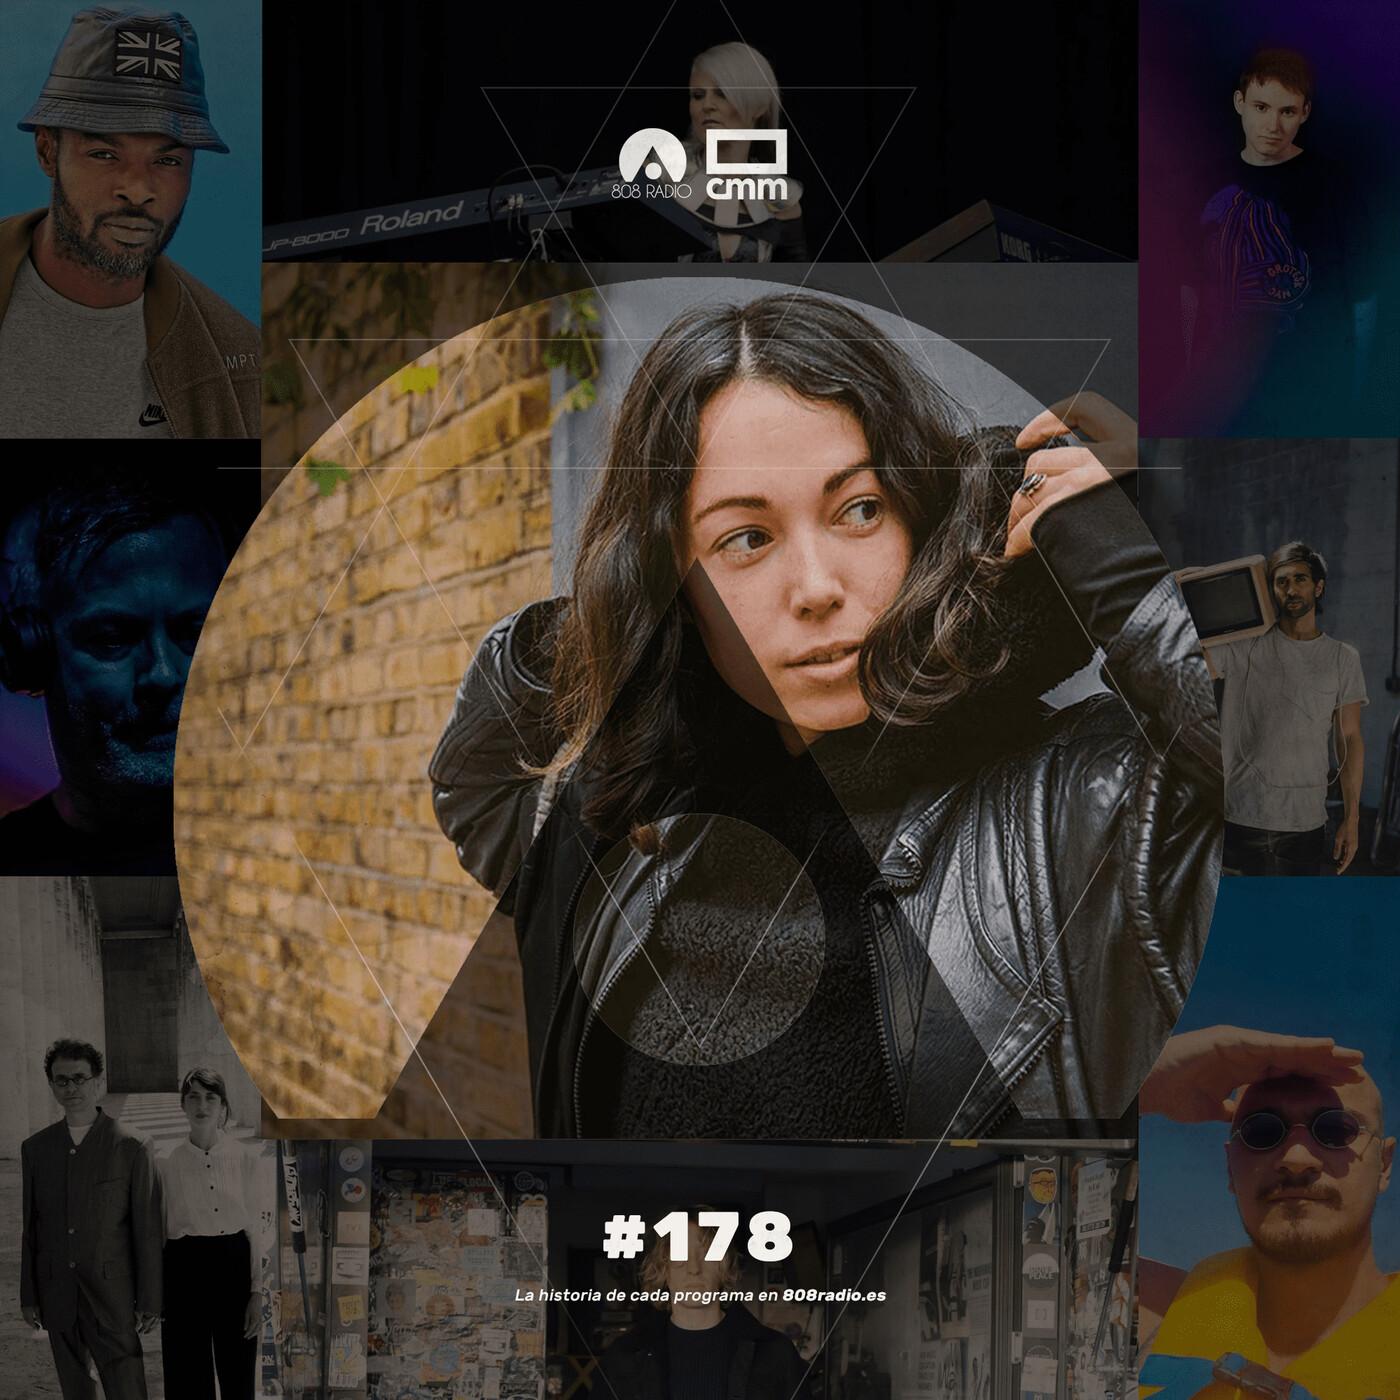 808 Radio #178 / Kelly Lee Owens / CMM Radio – 5/9/2020